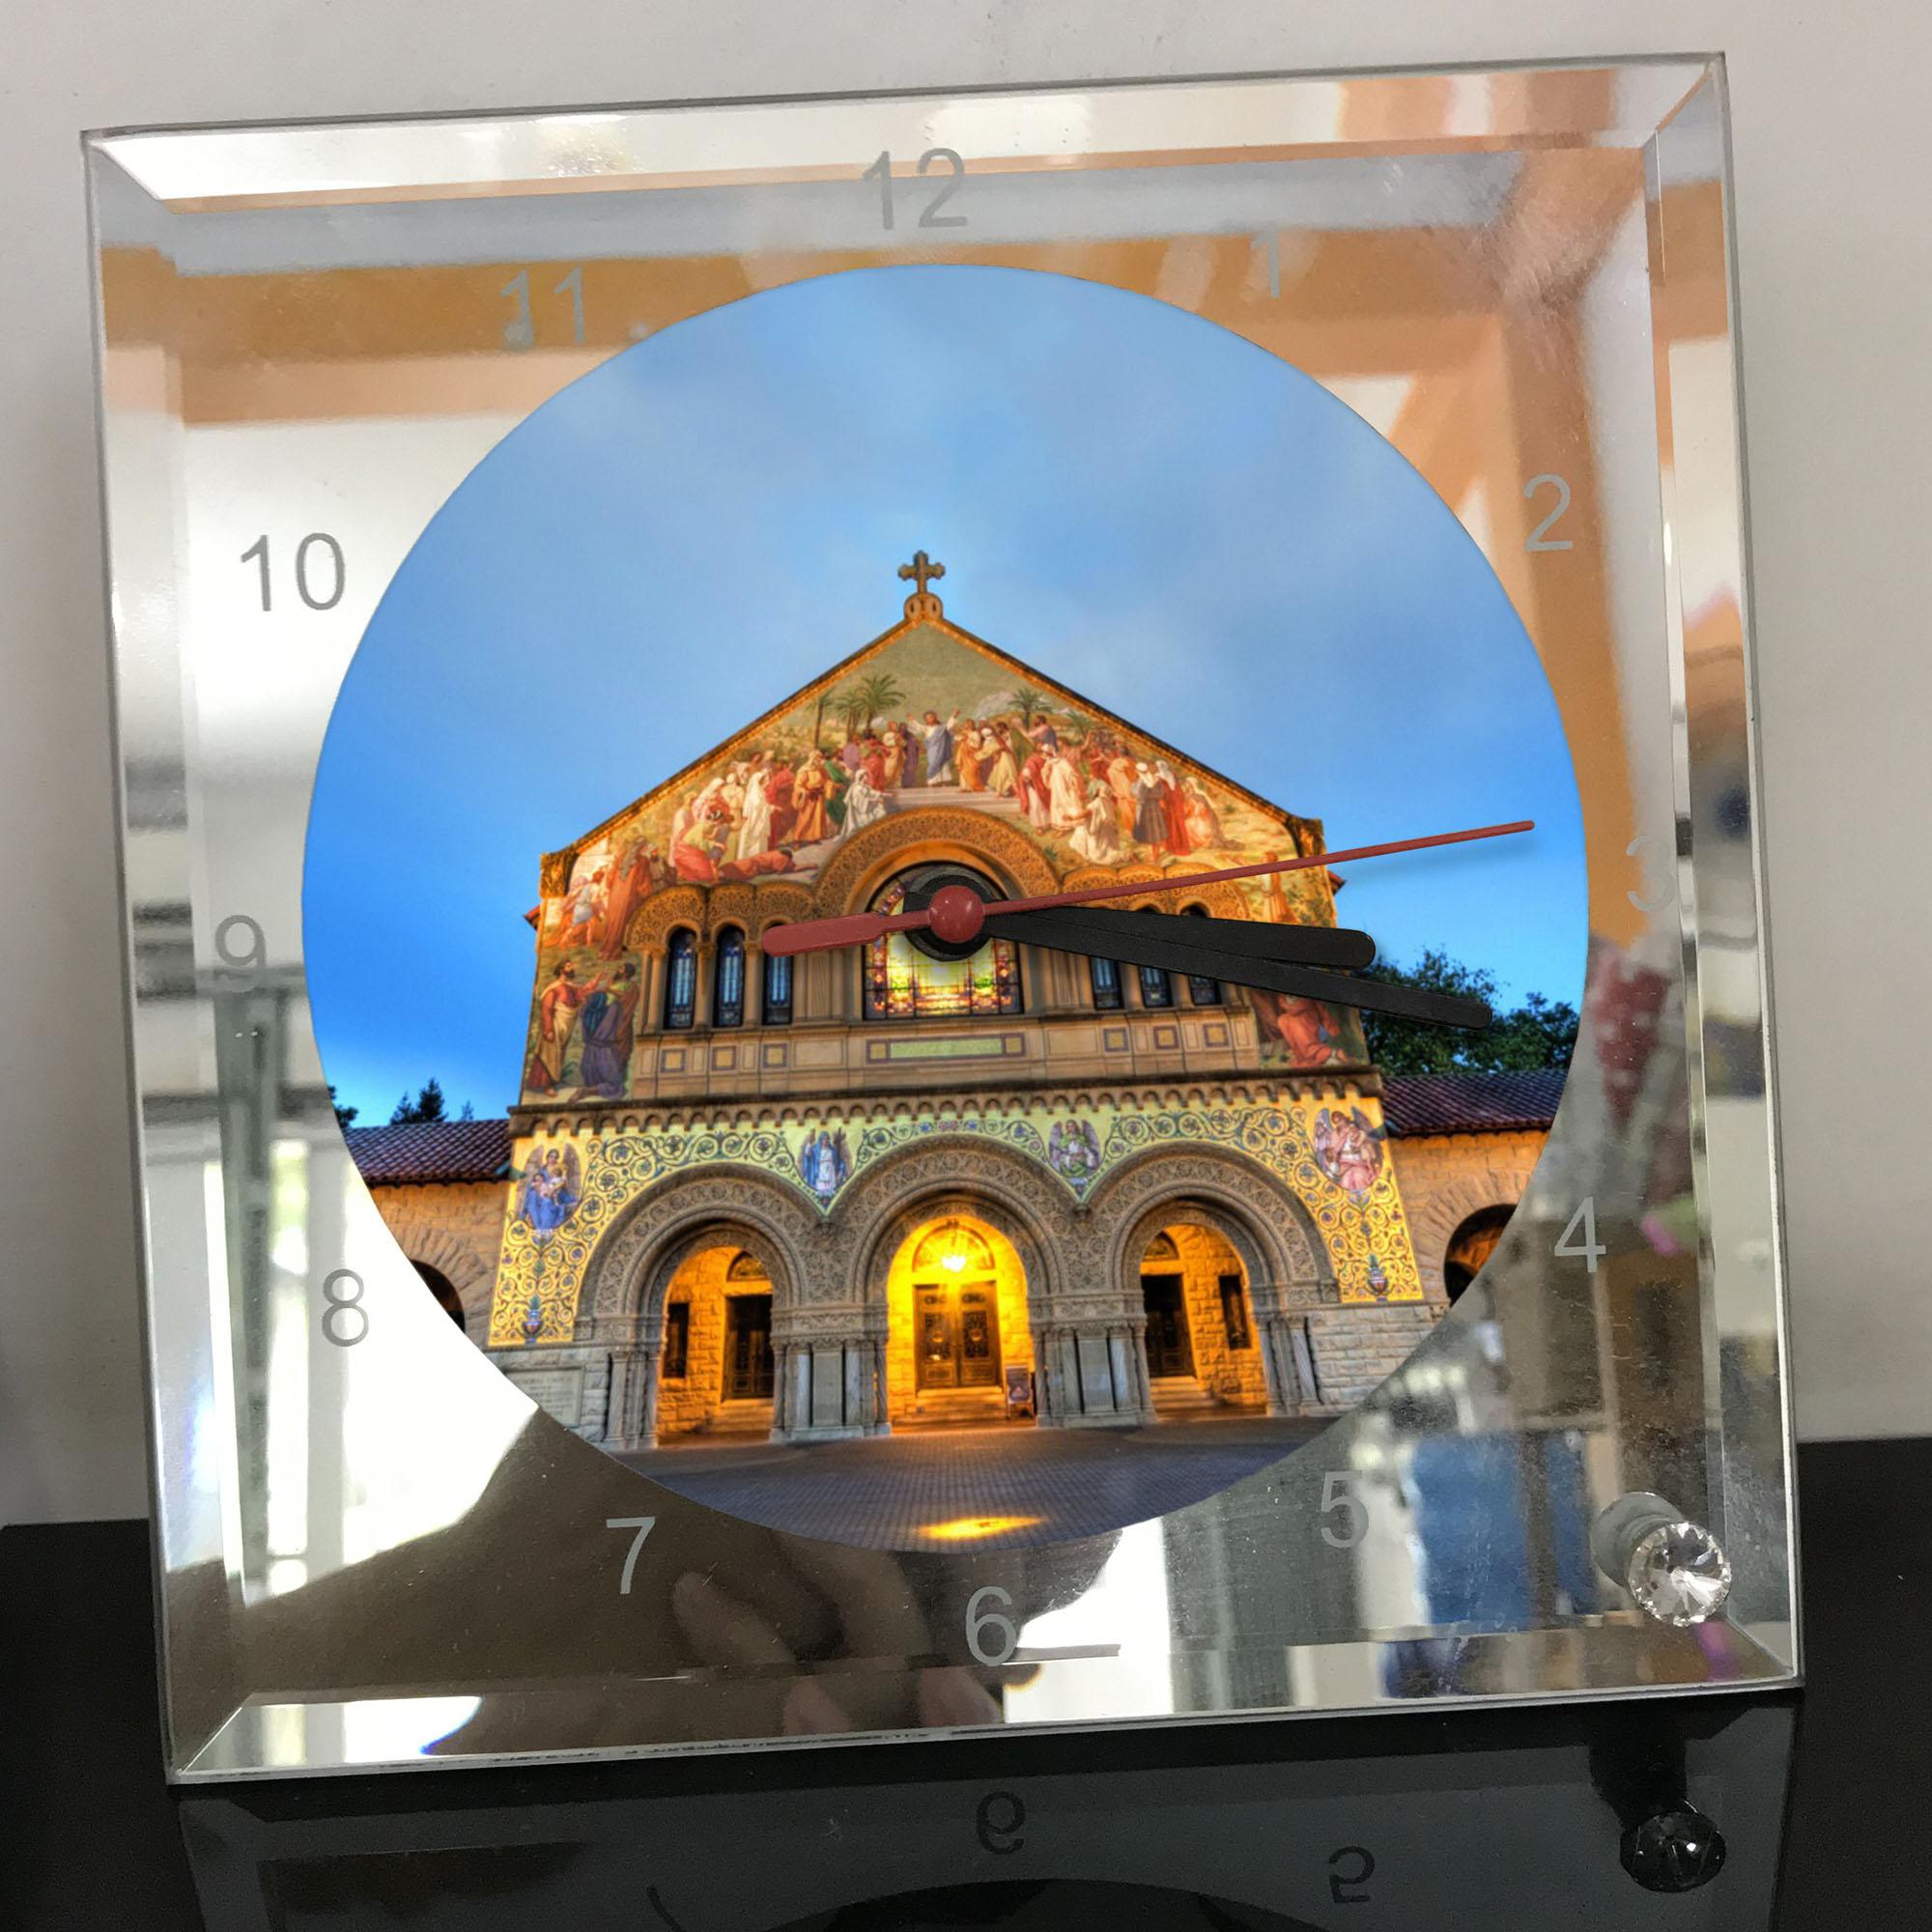 Đồng hồ thủy tinh vuông 20x20 in hình Church - nhà thờ (189) . Đồng hồ thủy tinh để bàn trang trí đẹp chủ đề tôn giáo